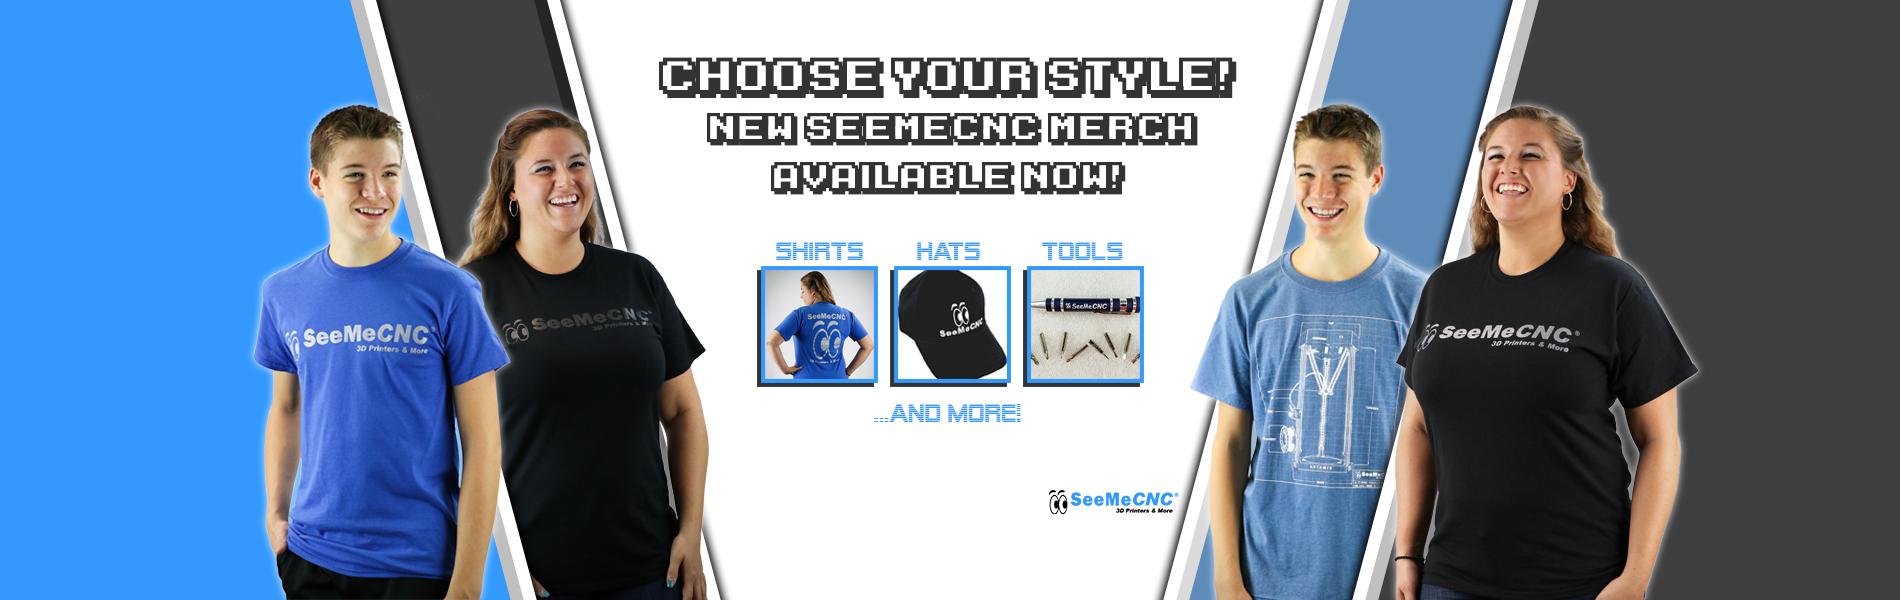 SeeMeCNC Merch 2.jpg